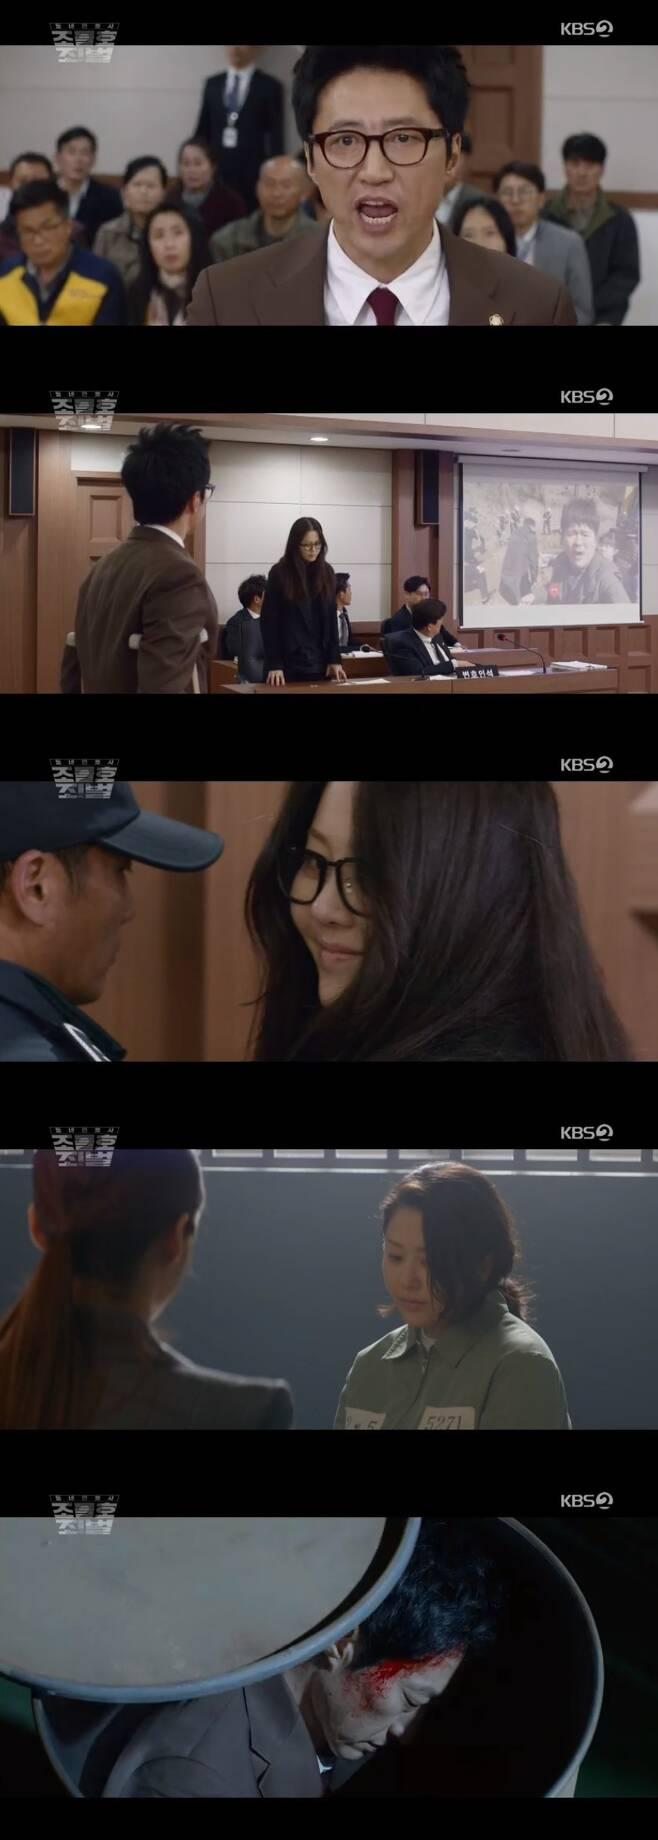 ▲ 드라마 '동네변호사 조들호2: 죄와 벌'. 방송화면 캡처